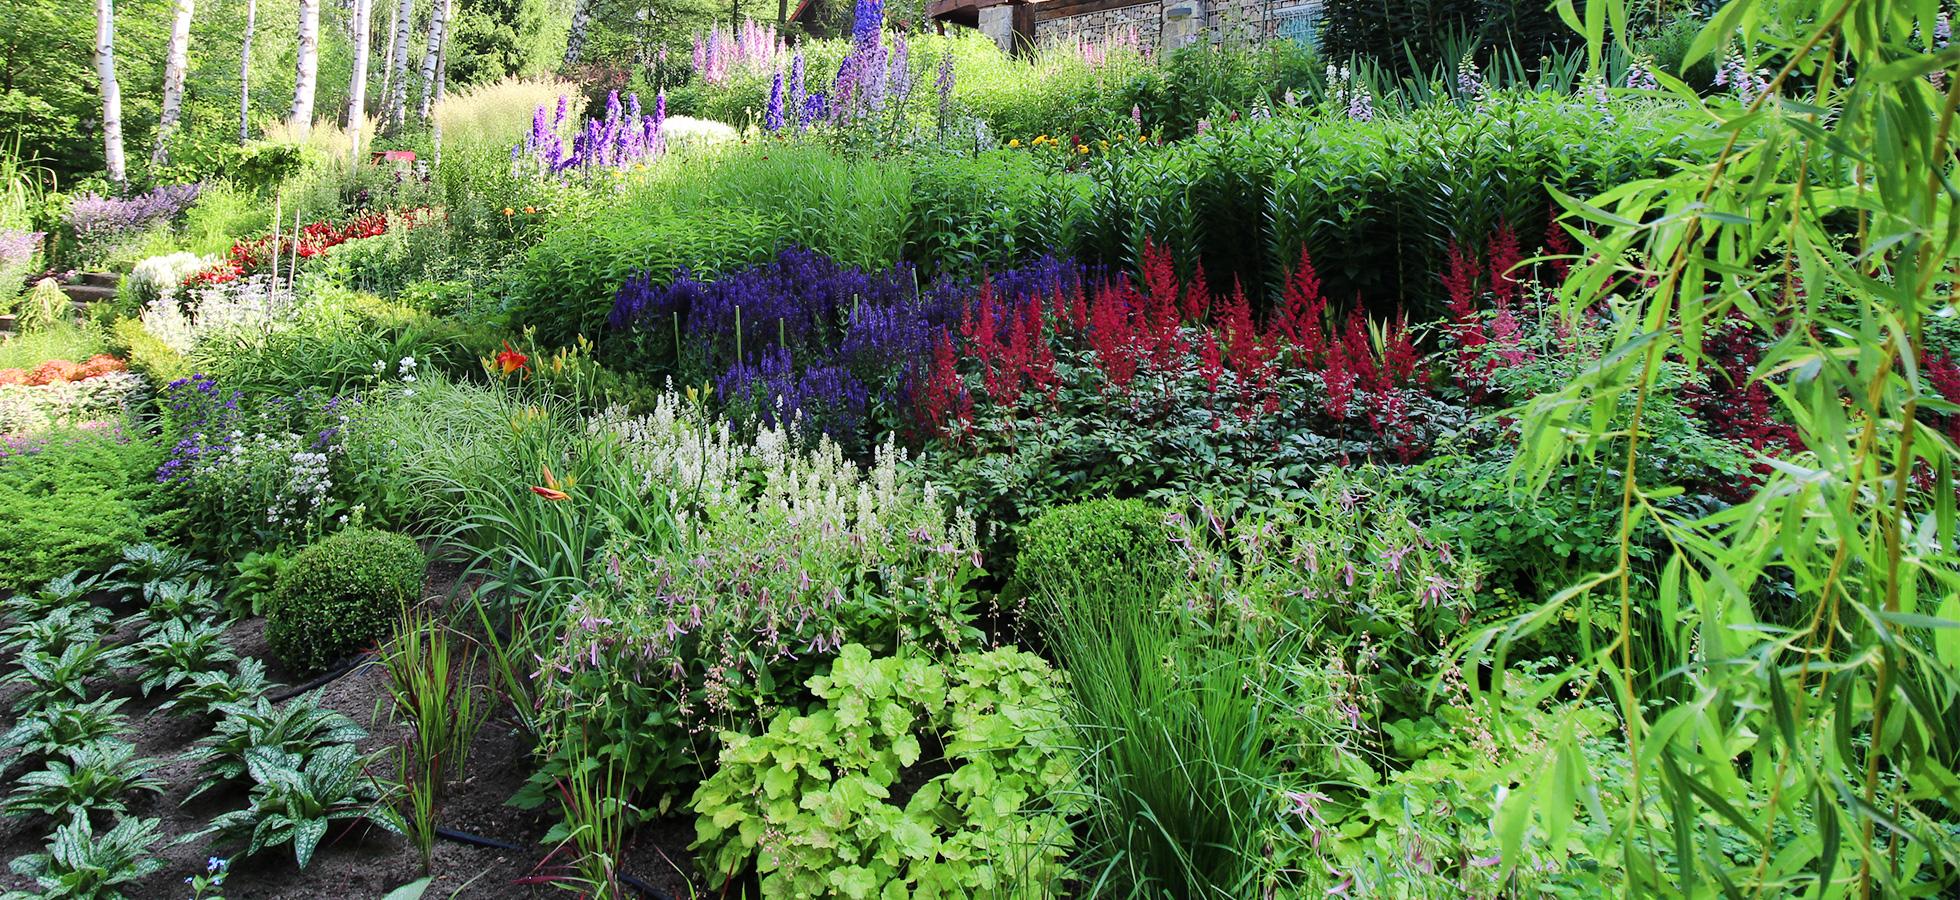 slide-1-doradzstwo-ogrodnicze-leczenie-zapobieganie-eko-opryski